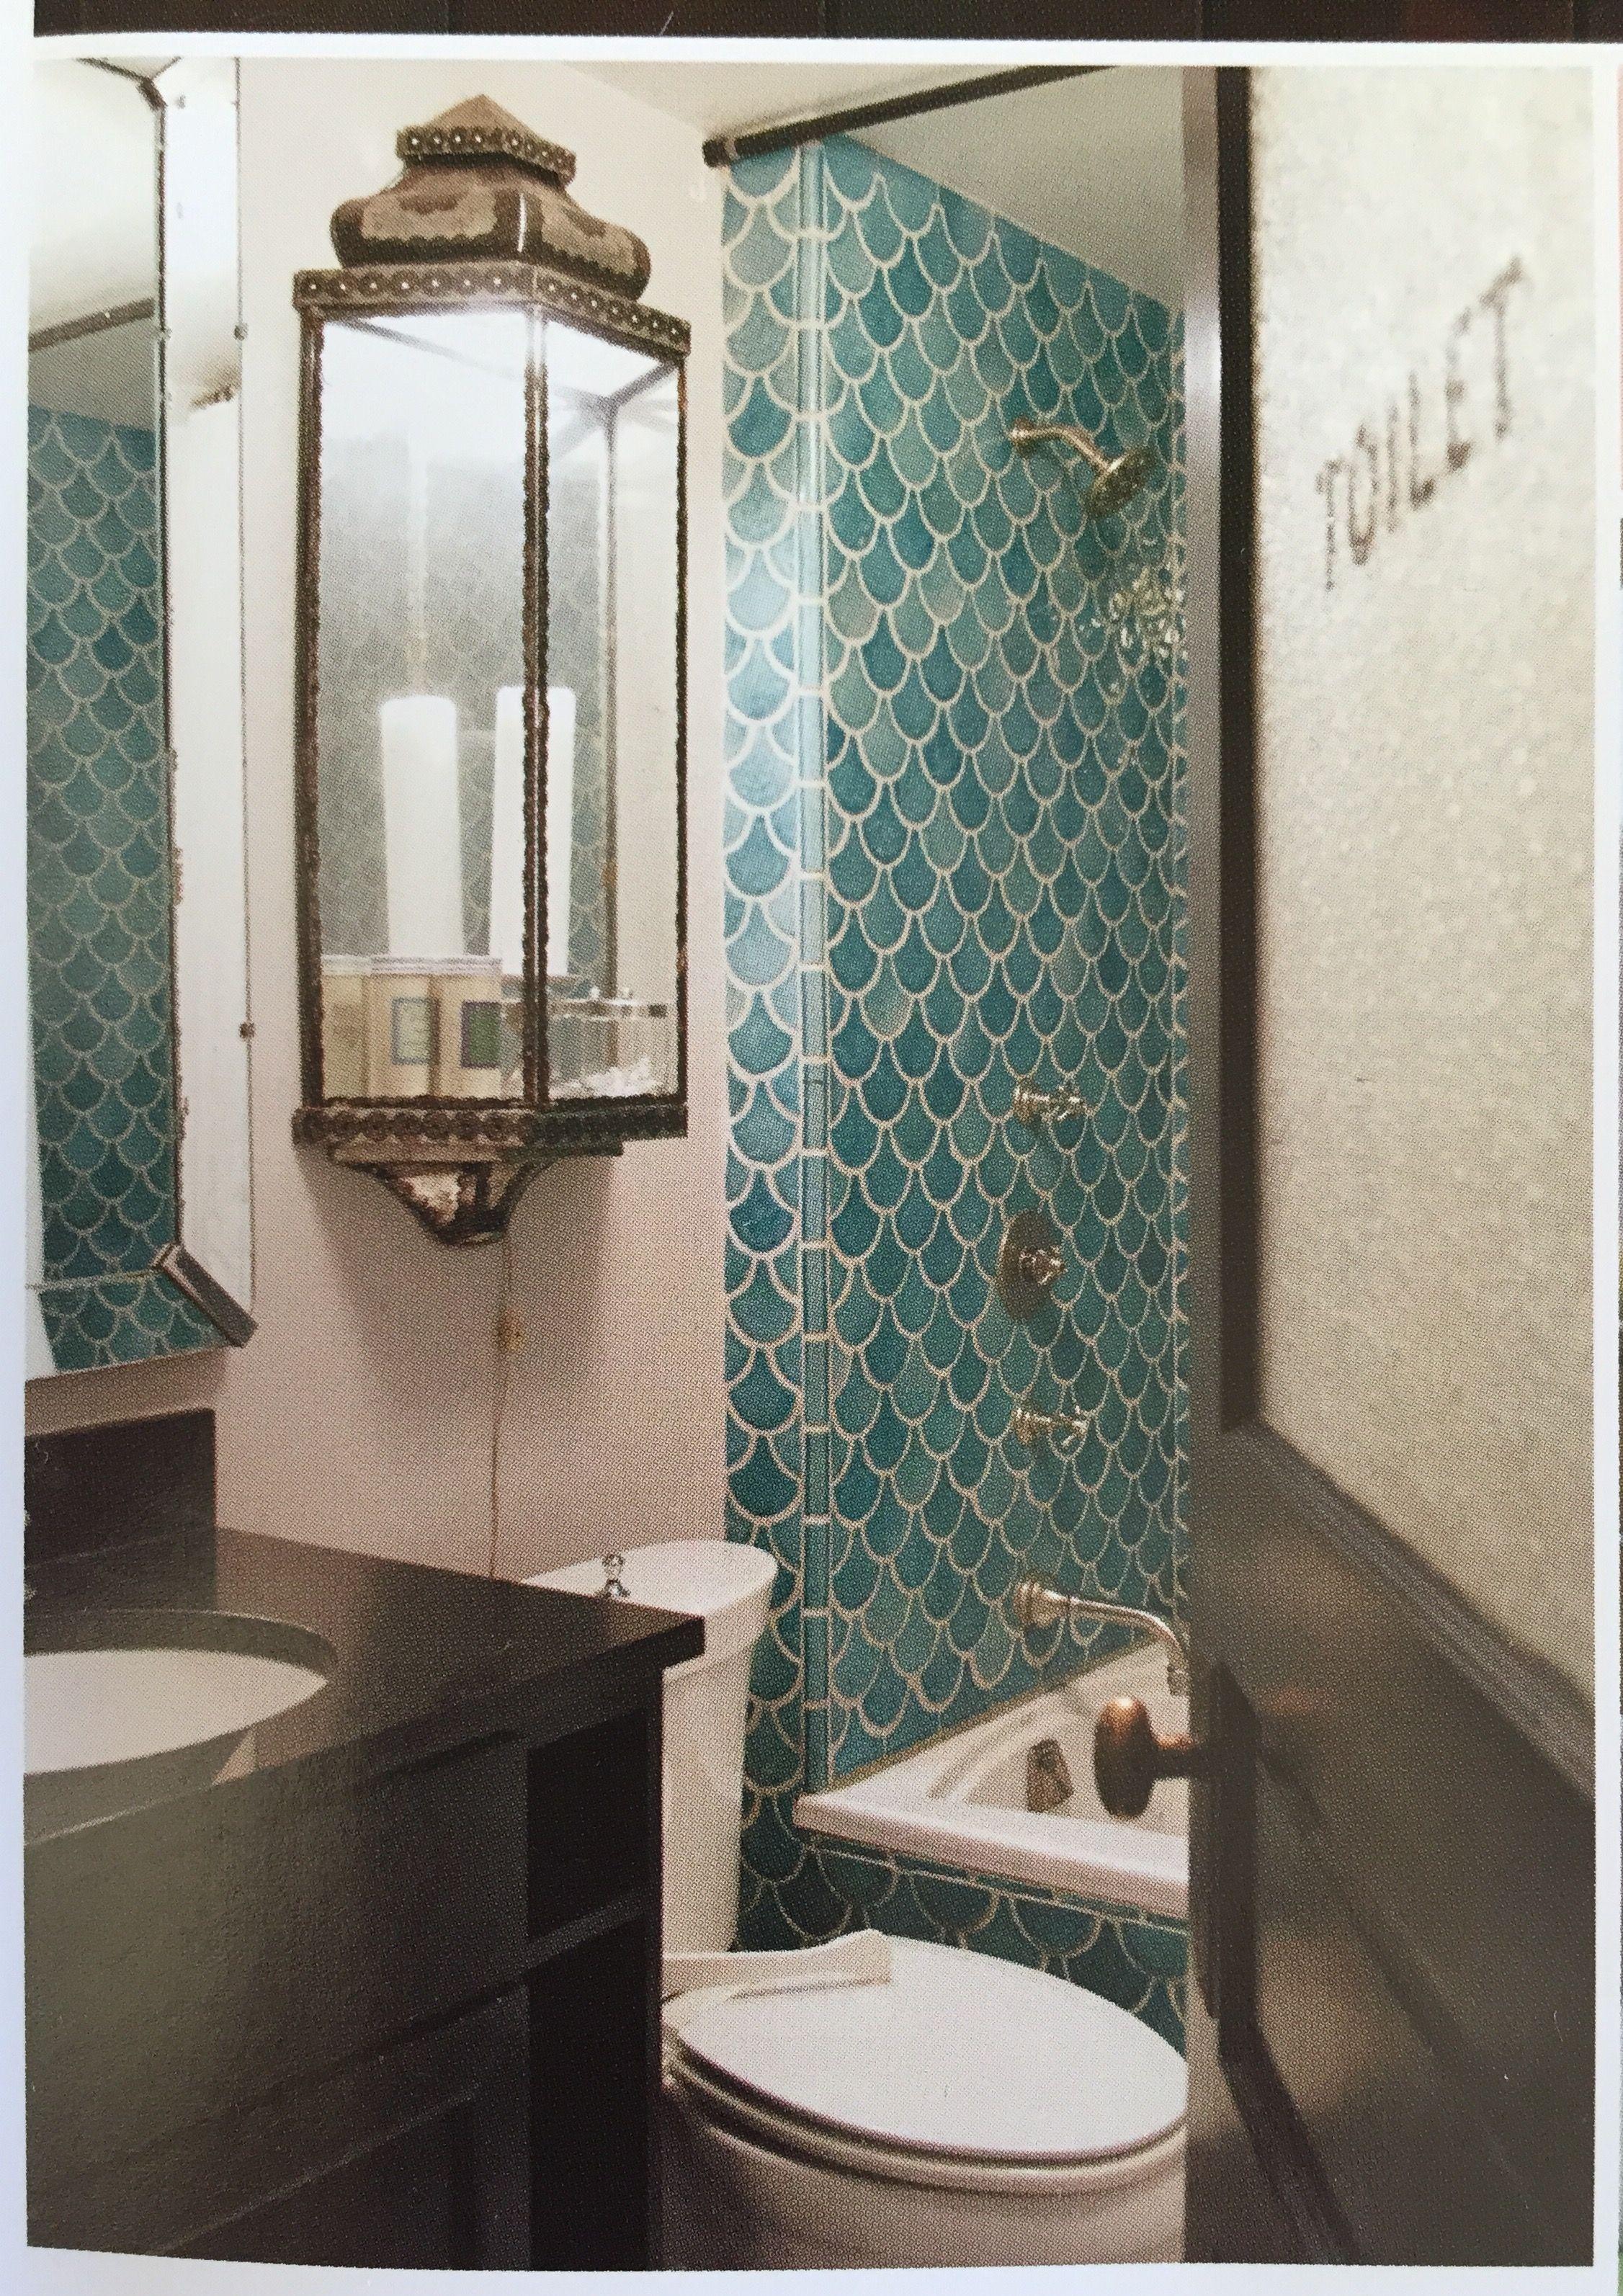 Moroccan Inspired Wall Light Display Shelf Bathroom Design Beautiful Bathrooms Moroccan Bathroom Bathroom lights ideas png